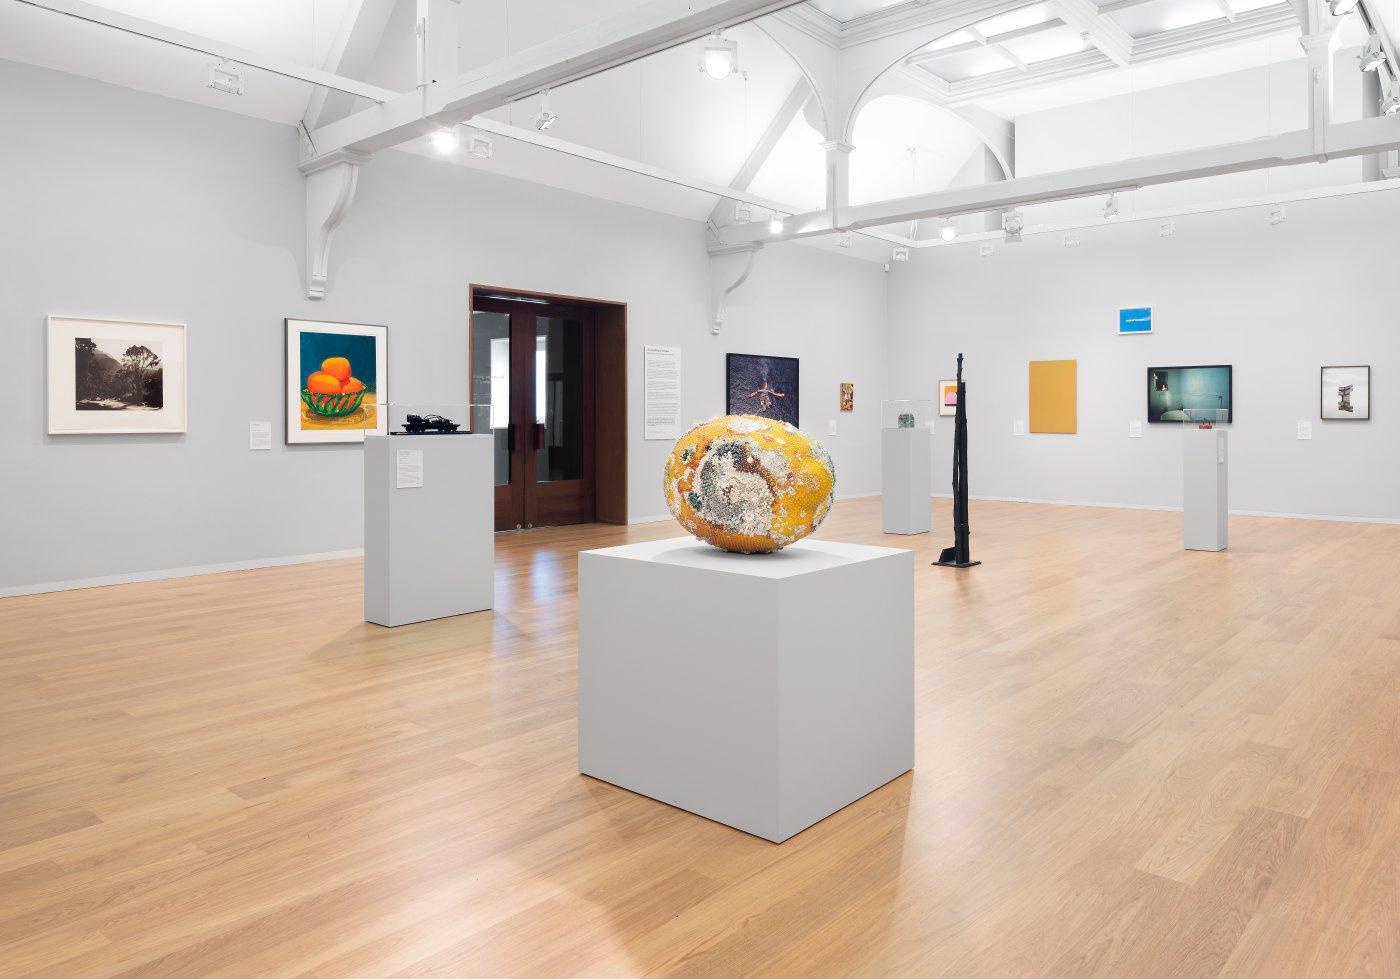 Whitechapel Gallery Gary Hume Hiscox 4